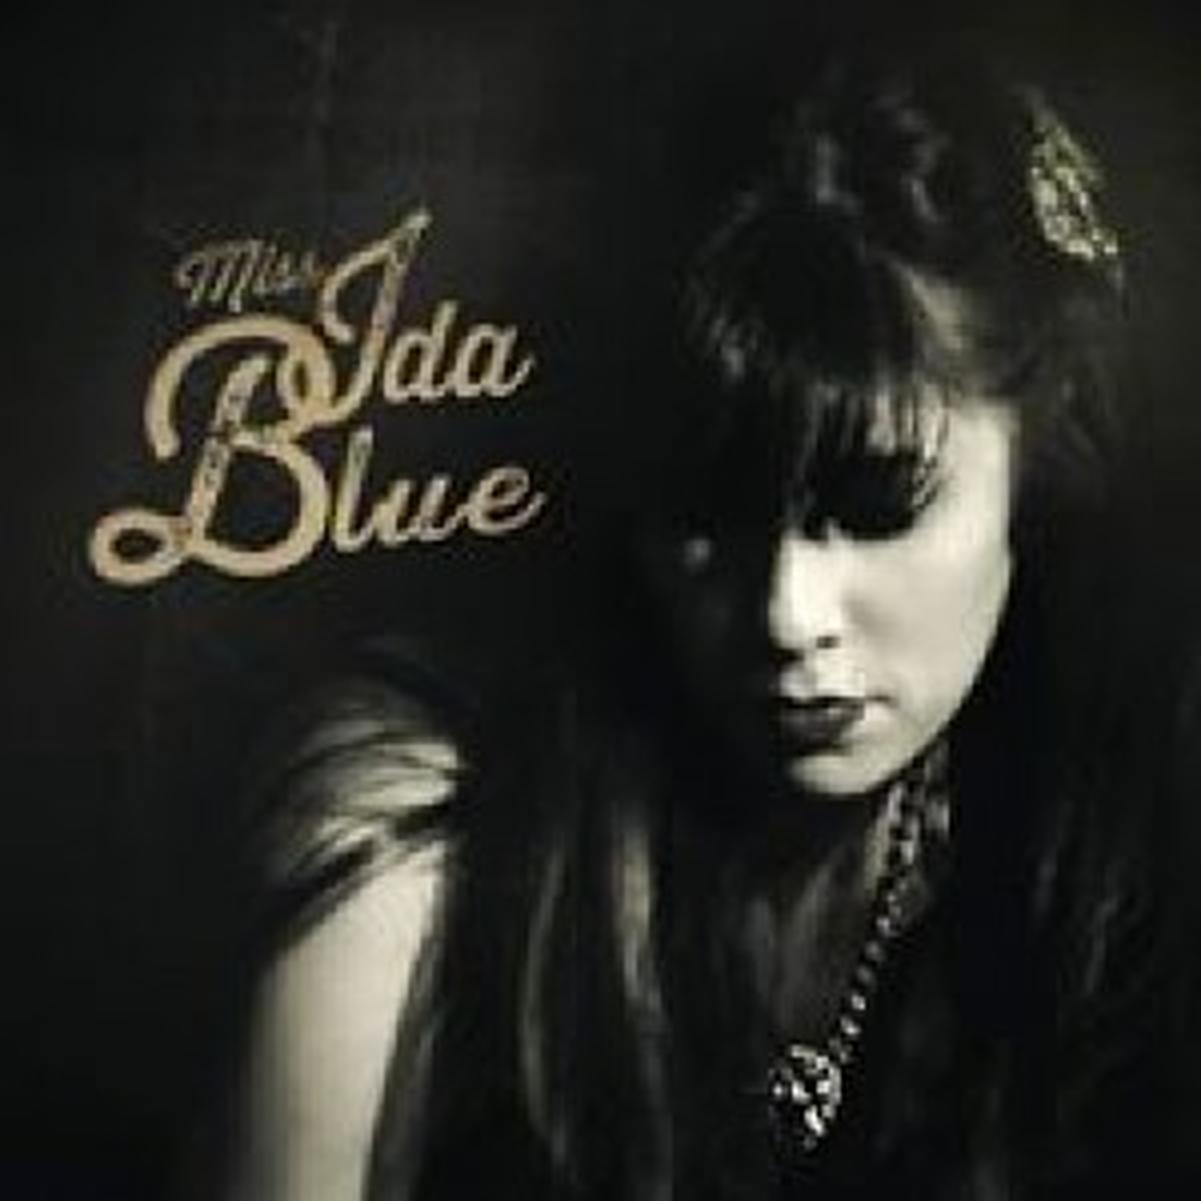 Miss Ida Blue